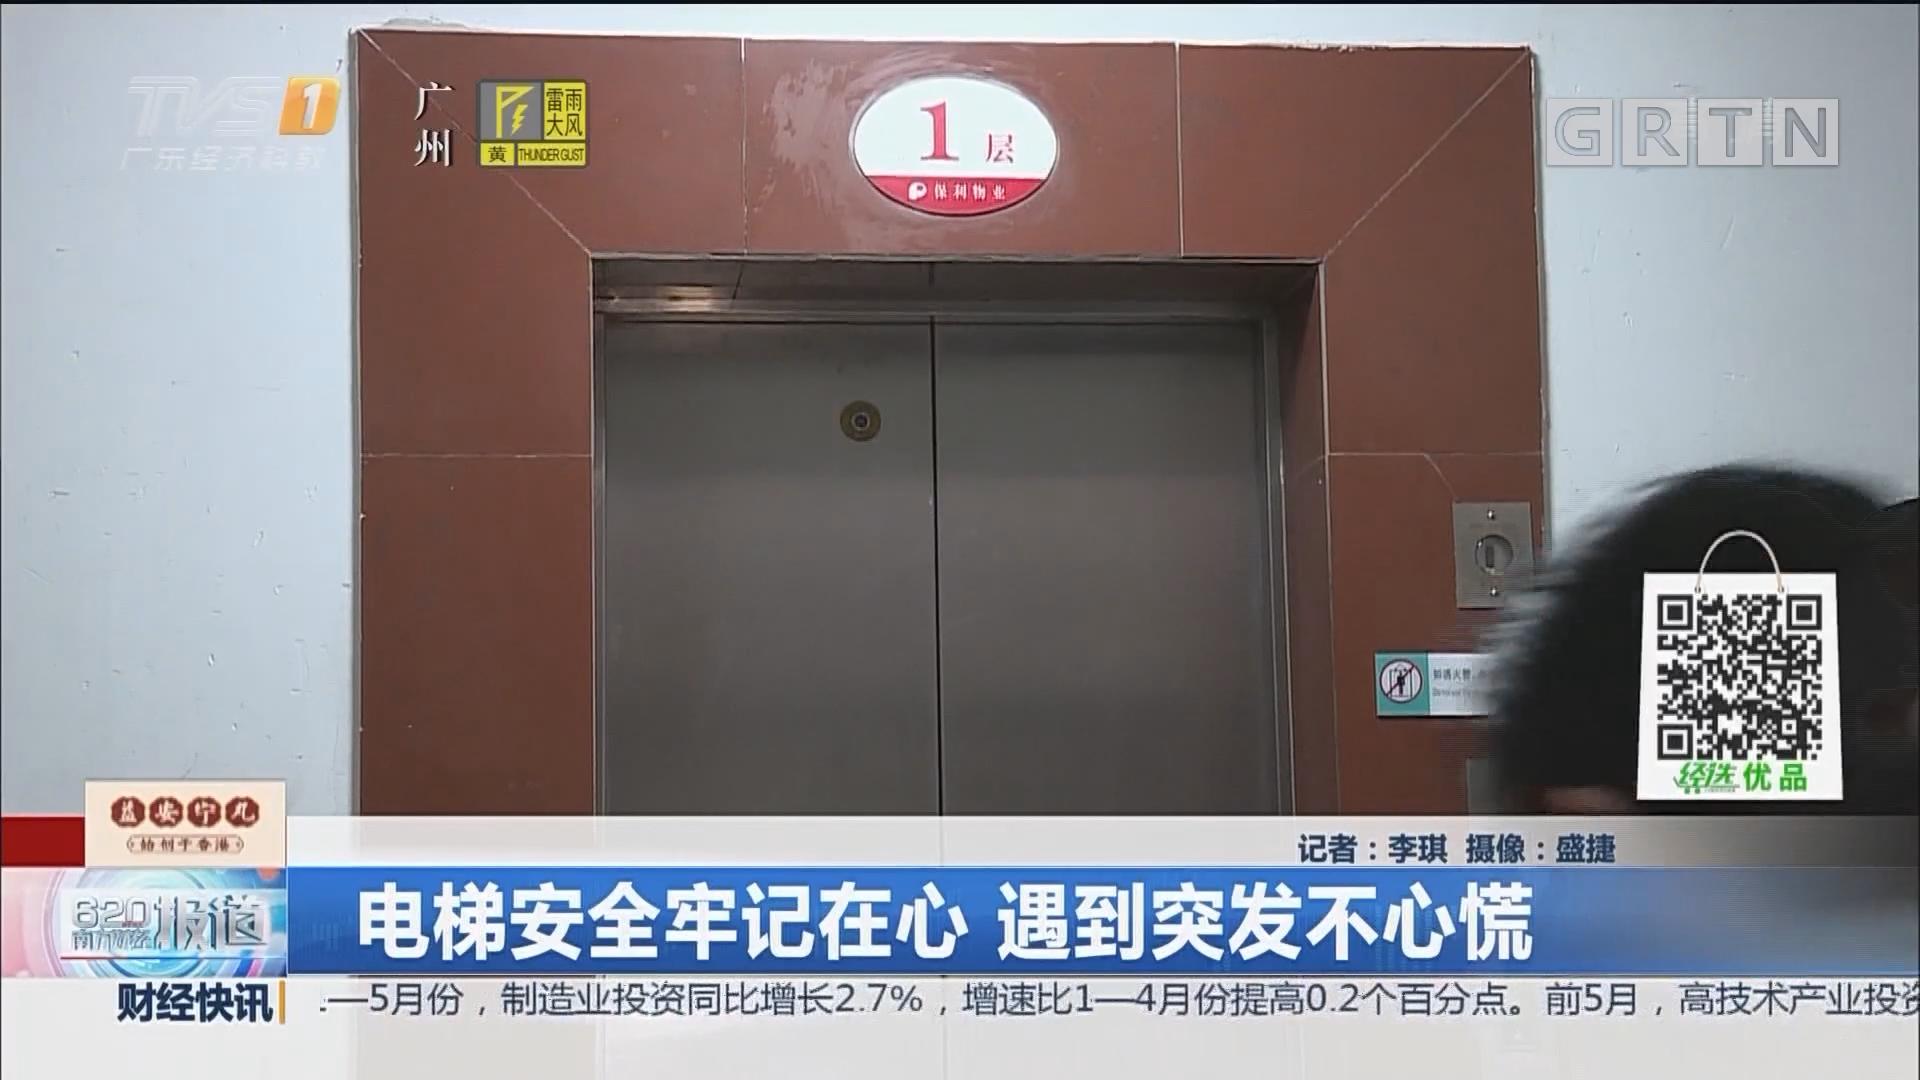 电梯安全牢记在心 遇到突发不心慌